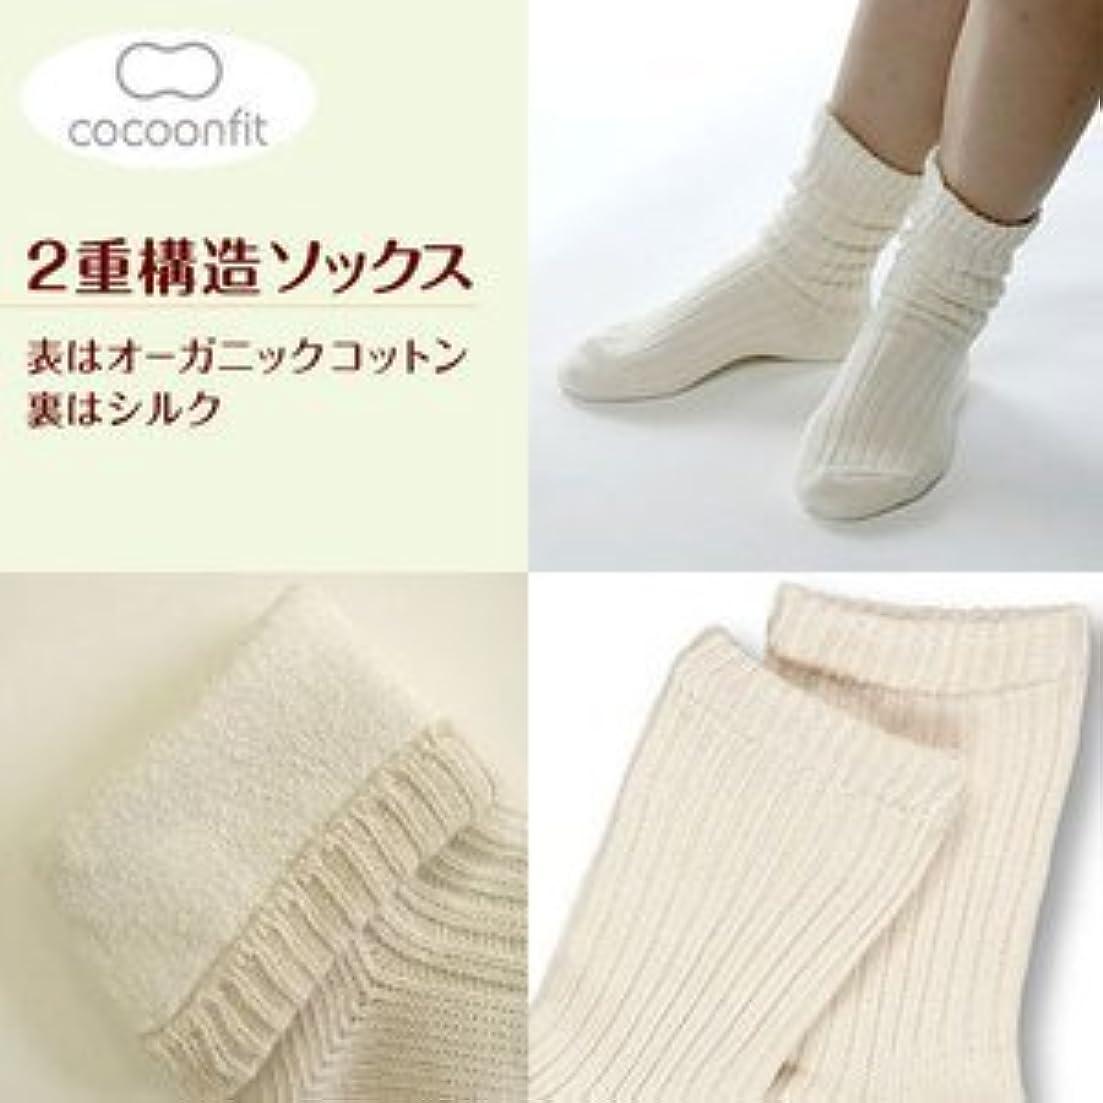 エイリアン目を覚ます最後にシルク 2重編みソックス (冷え取り靴下、冷えとり 靴下 シルク、重ね、二重)